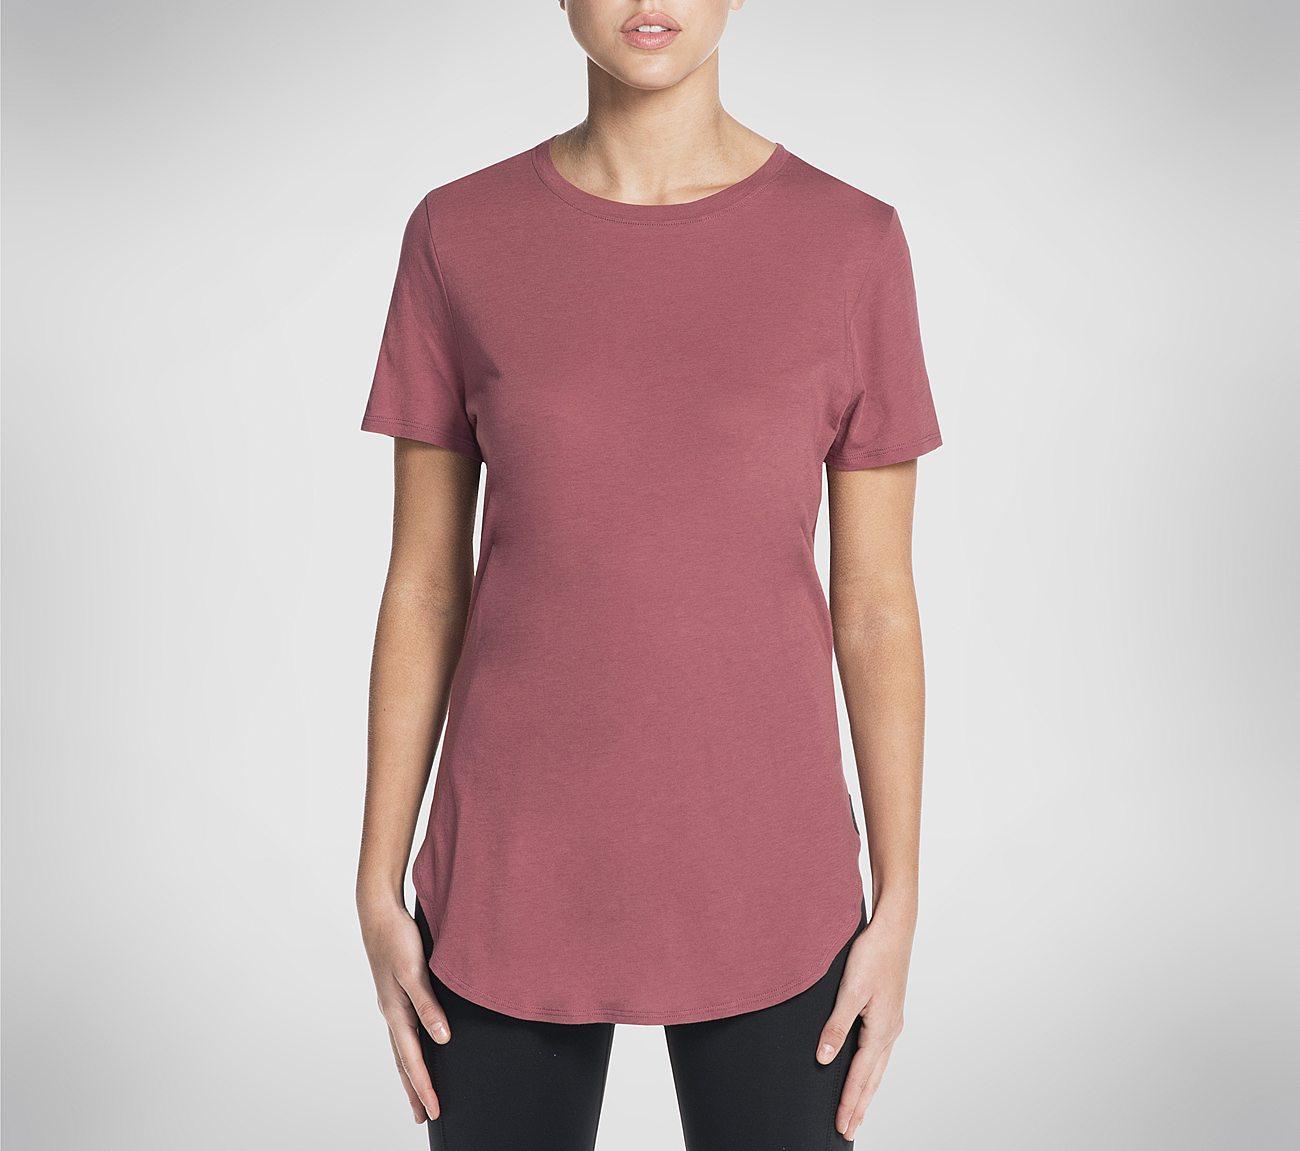 Restore Tunic Tee Shirt